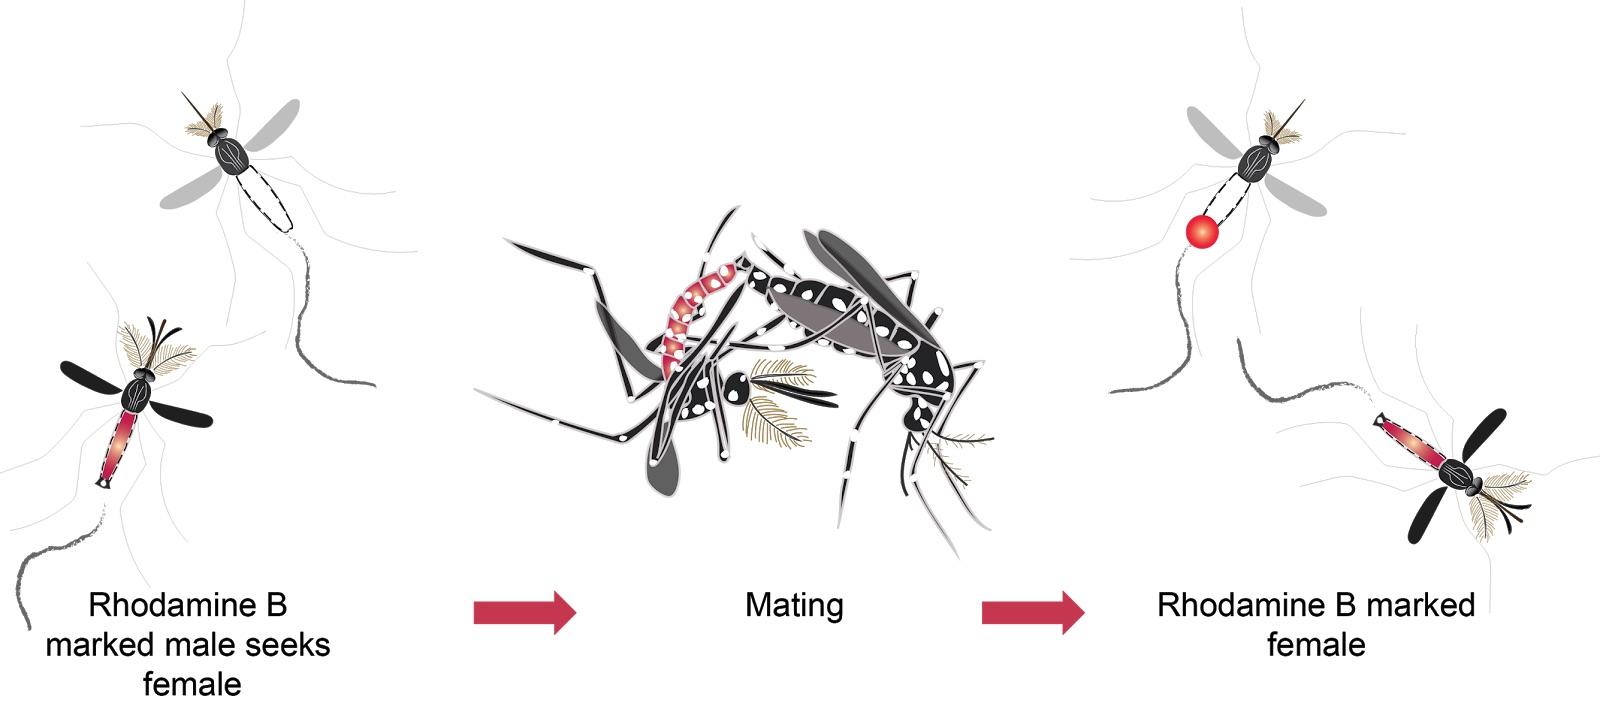 Projekt Debug využívá strojové učení ke snížení populace komárů